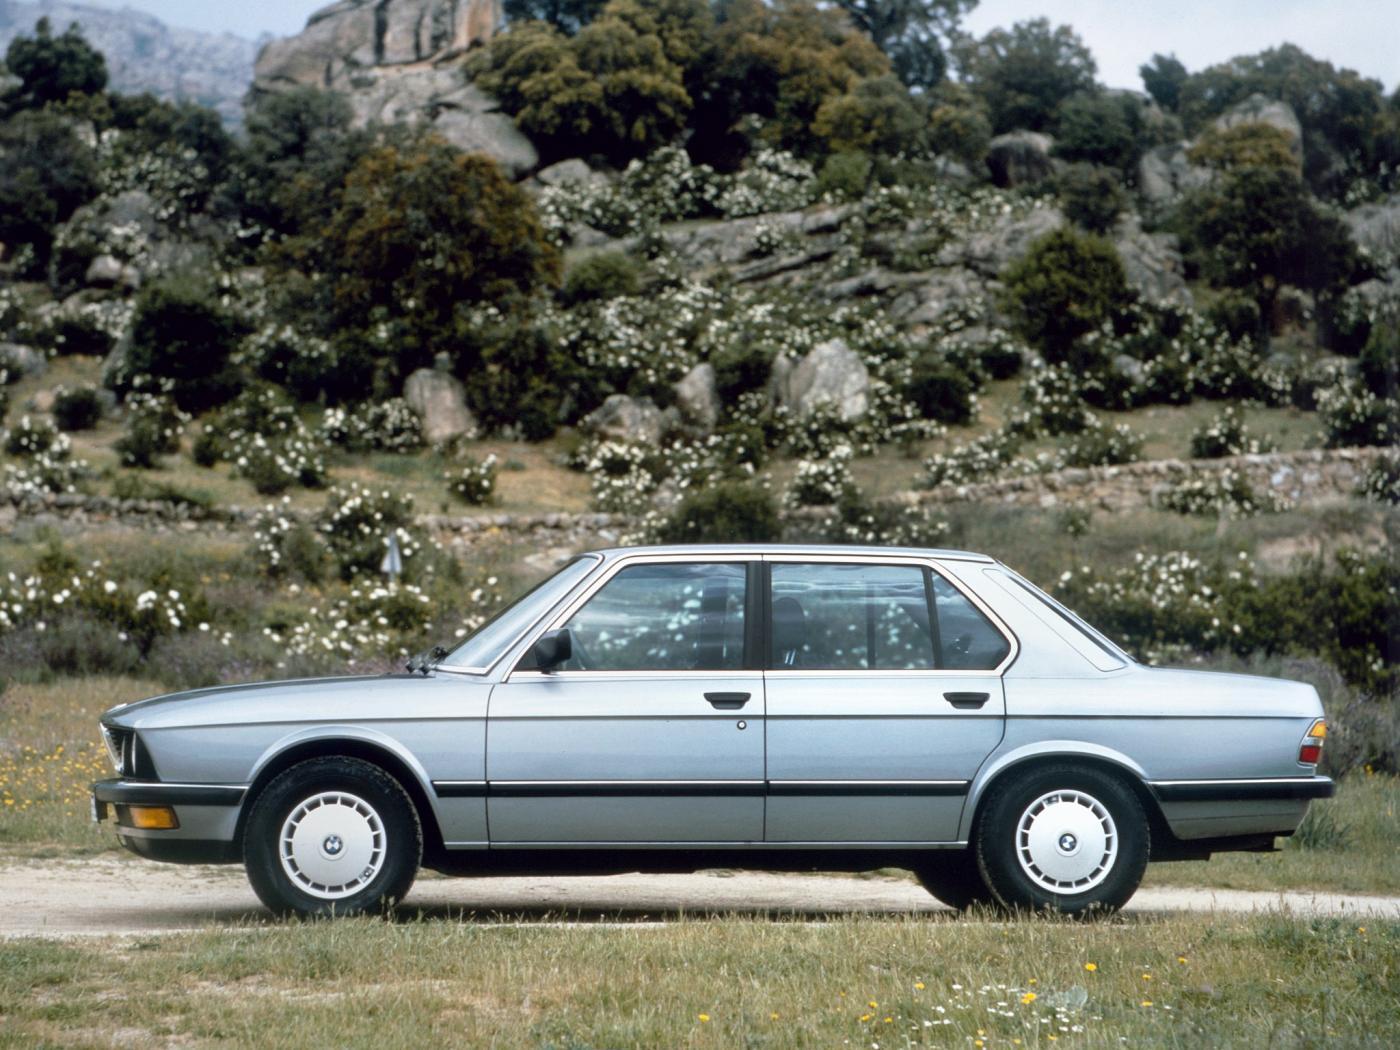 Fiche-occasion-BMW-Serie-5-E28-9.jpeg